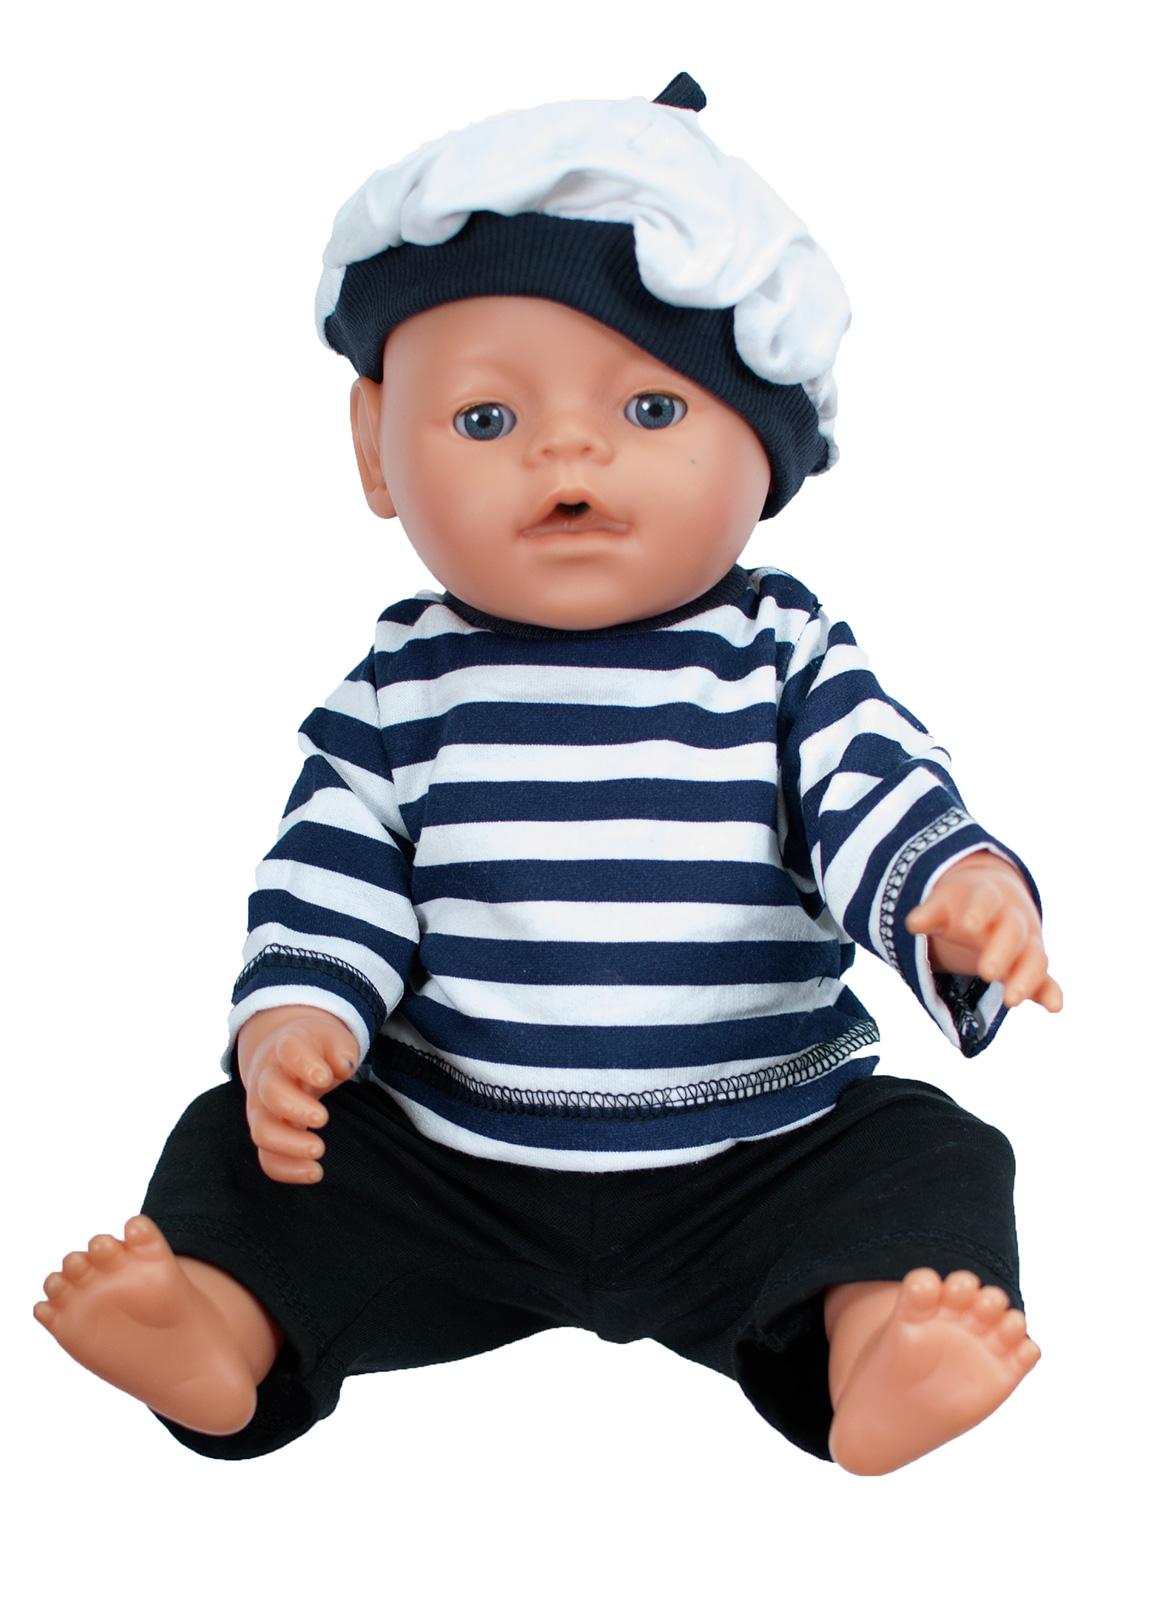 Одежда для куклыОбразные игрушки<br>В набор quot;Морячокquot; входит тельняшка, брюки и кепка. Тельняшка застегивается  на спинке на застежки-липучки. Комфортную посадку брюкам обеспечивает резинка в поясе. Одежда подходит для кукол и пупсов с ростом 38-45 см.  Цвет: черный, синий, белый Штанишки синего цвета, окантовка на шапочке может быть серой или ярко-синей<br><br>По сезону: Всесезон<br>Размер : UNI<br>Материал: Хлопок<br>Количество в наличии: 3